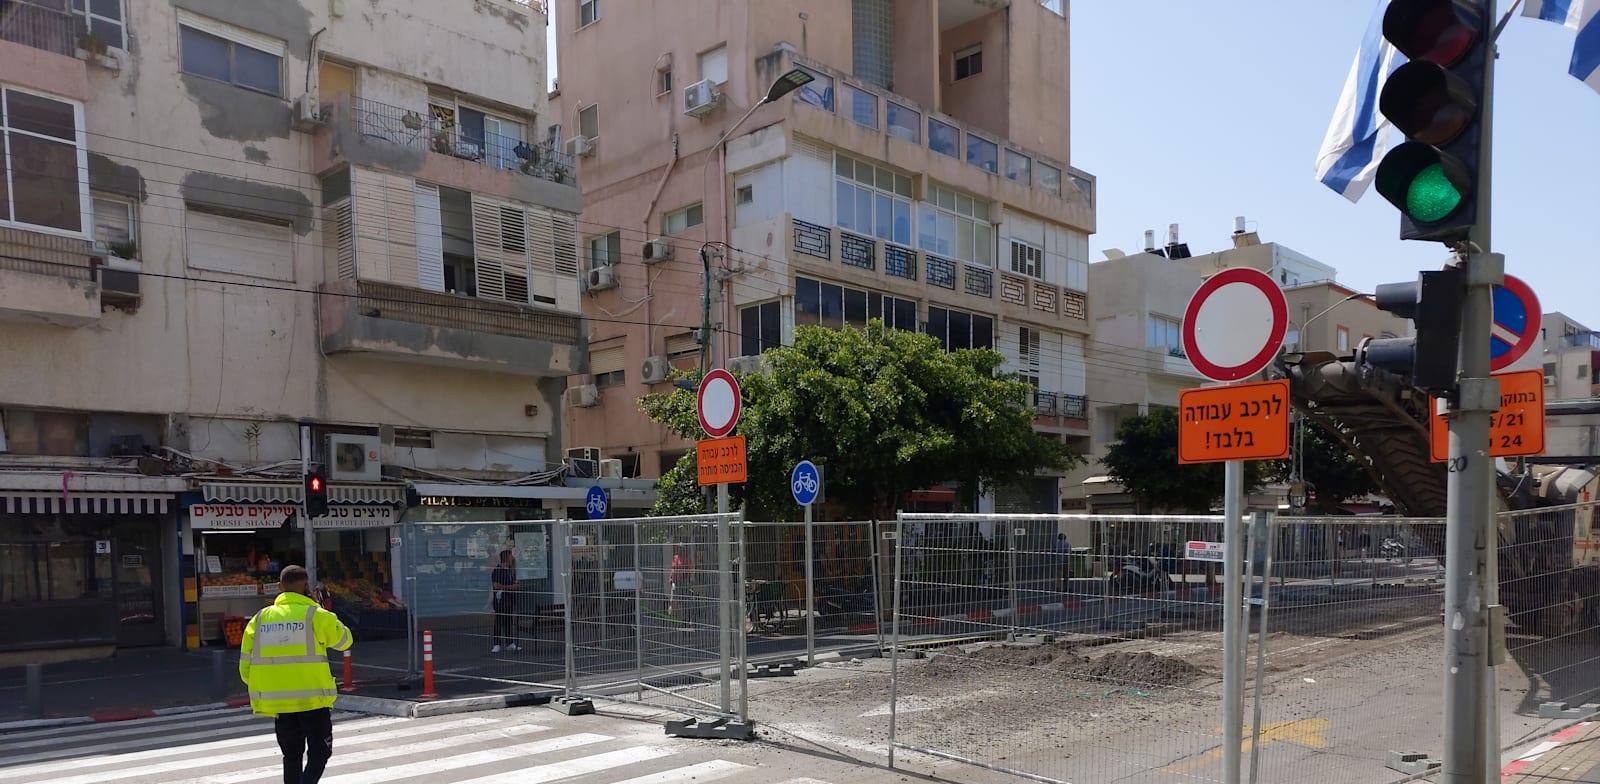 עבודות הרכבת הקלה ברחוב בן יהודה בתל אביב / צילום: איל יצהר